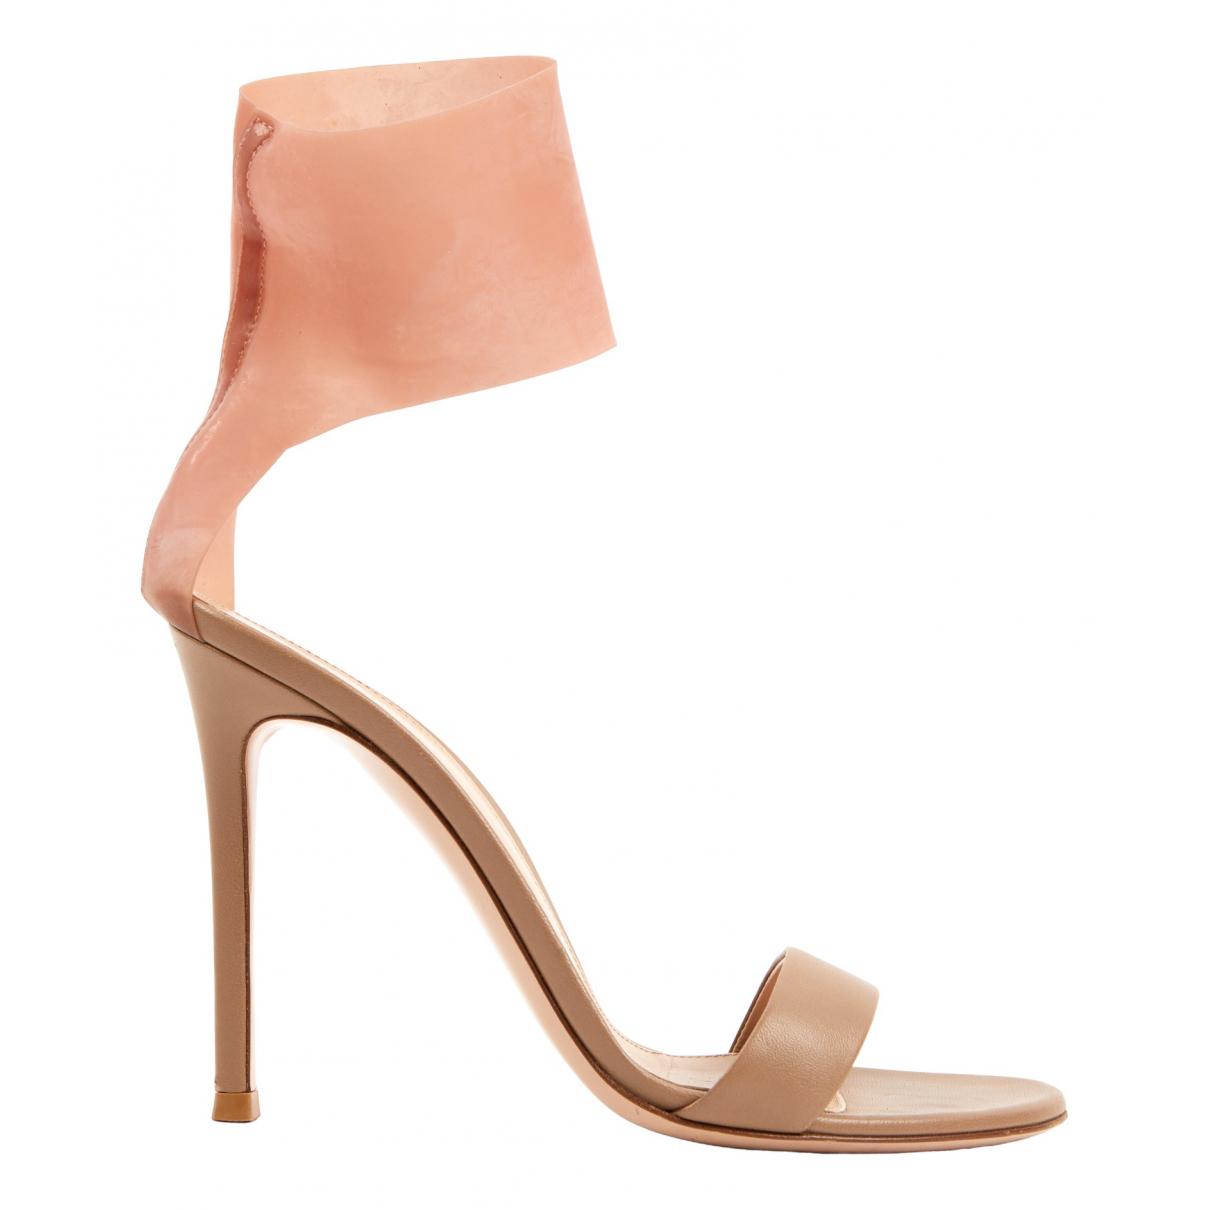 Gianvito Rossi - Sandales   pour femme en cuir - beige